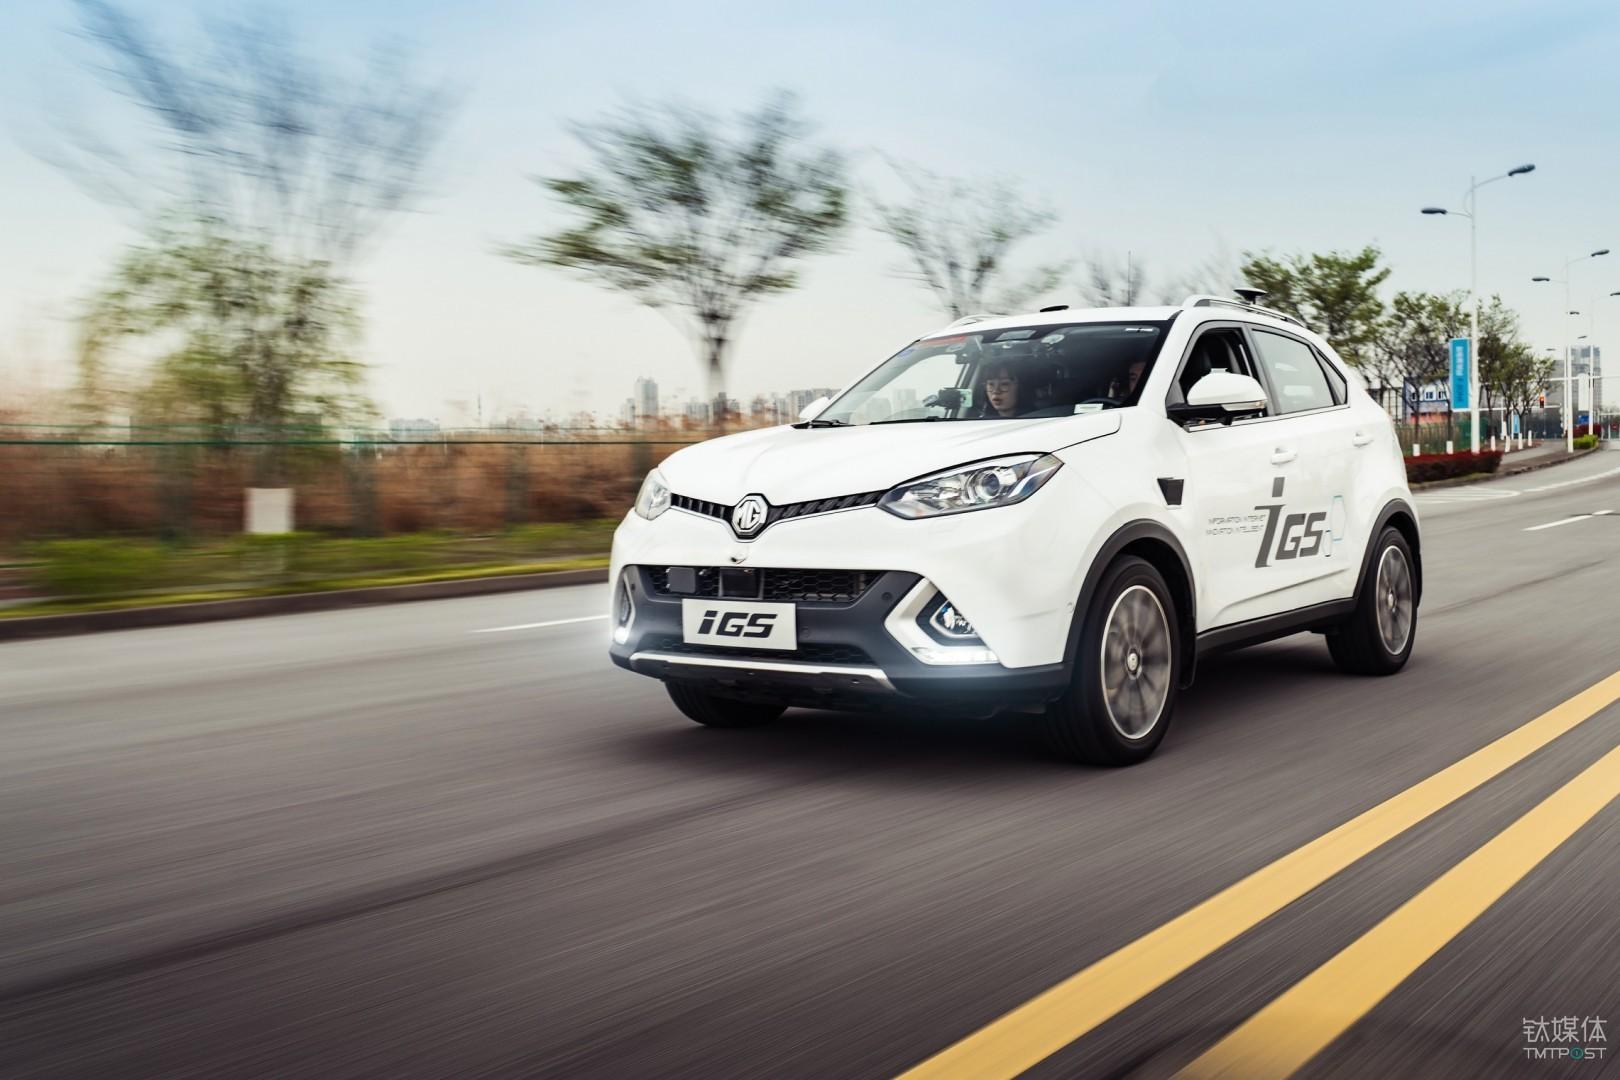 上汽集团IGS智能驾驶汽车